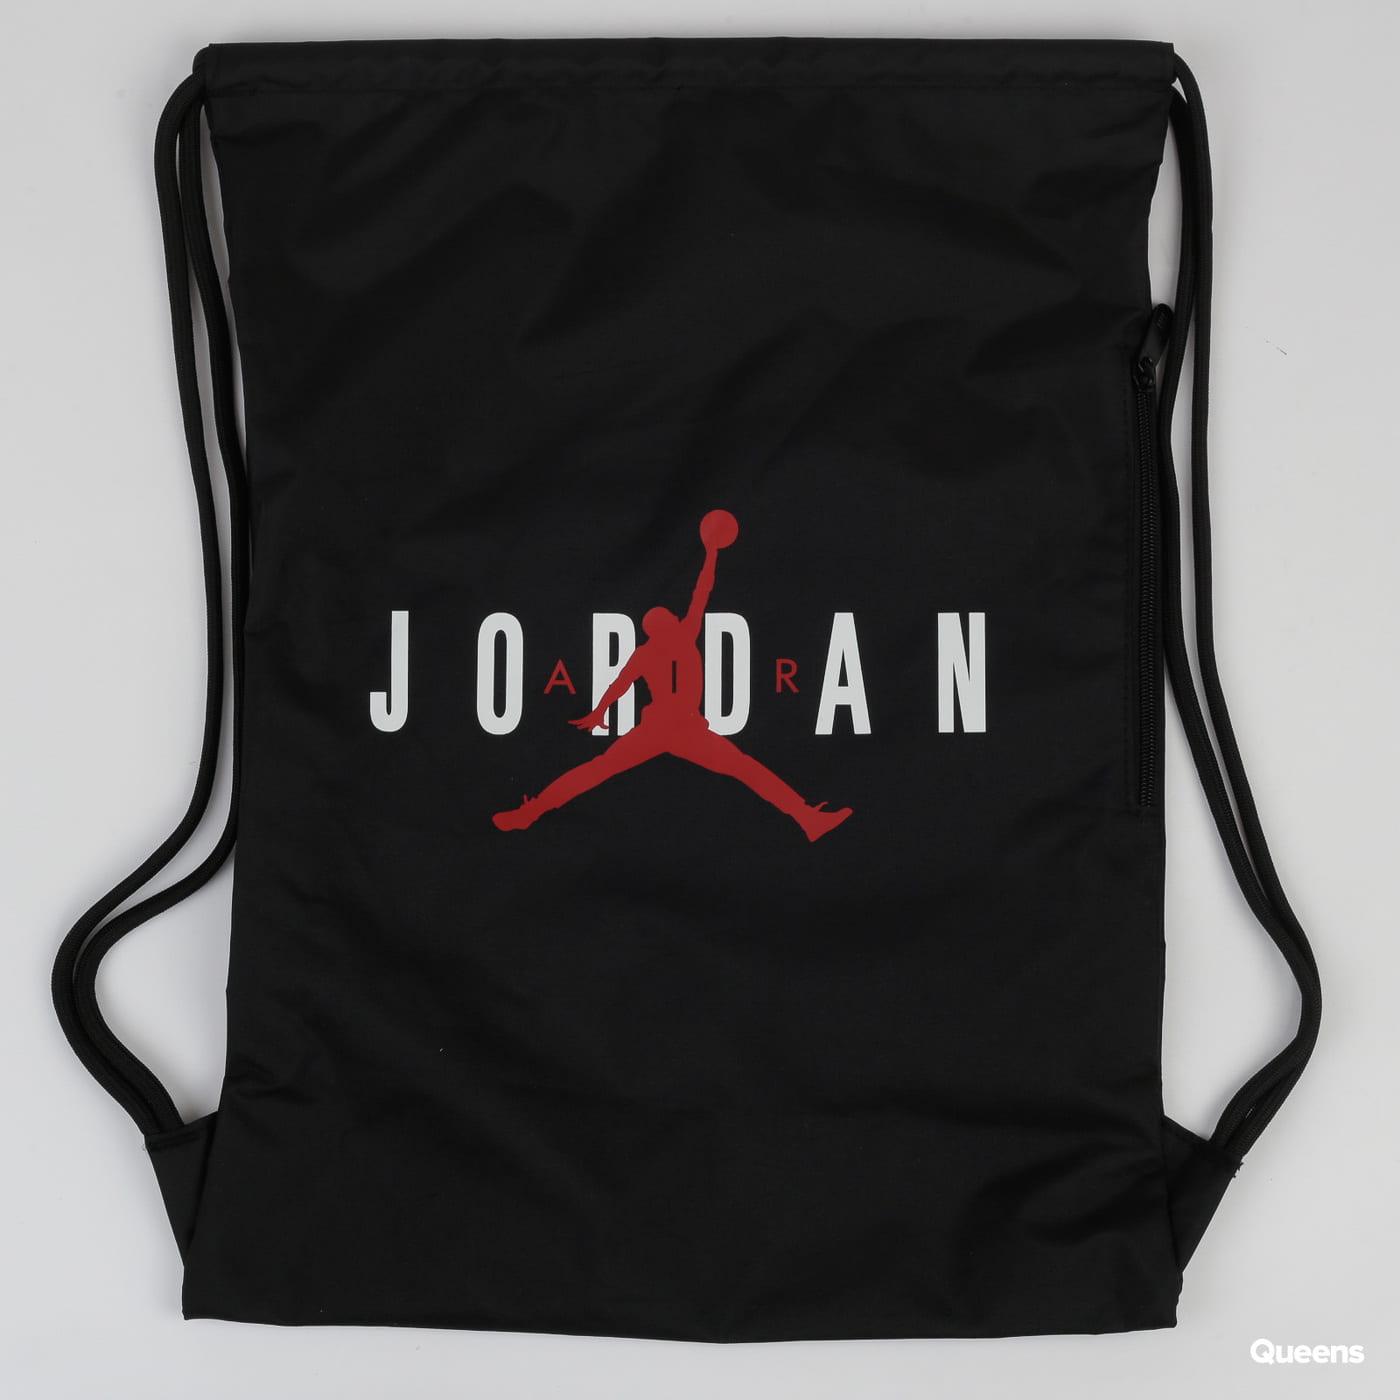 Jordan HBR Gym Sack černý